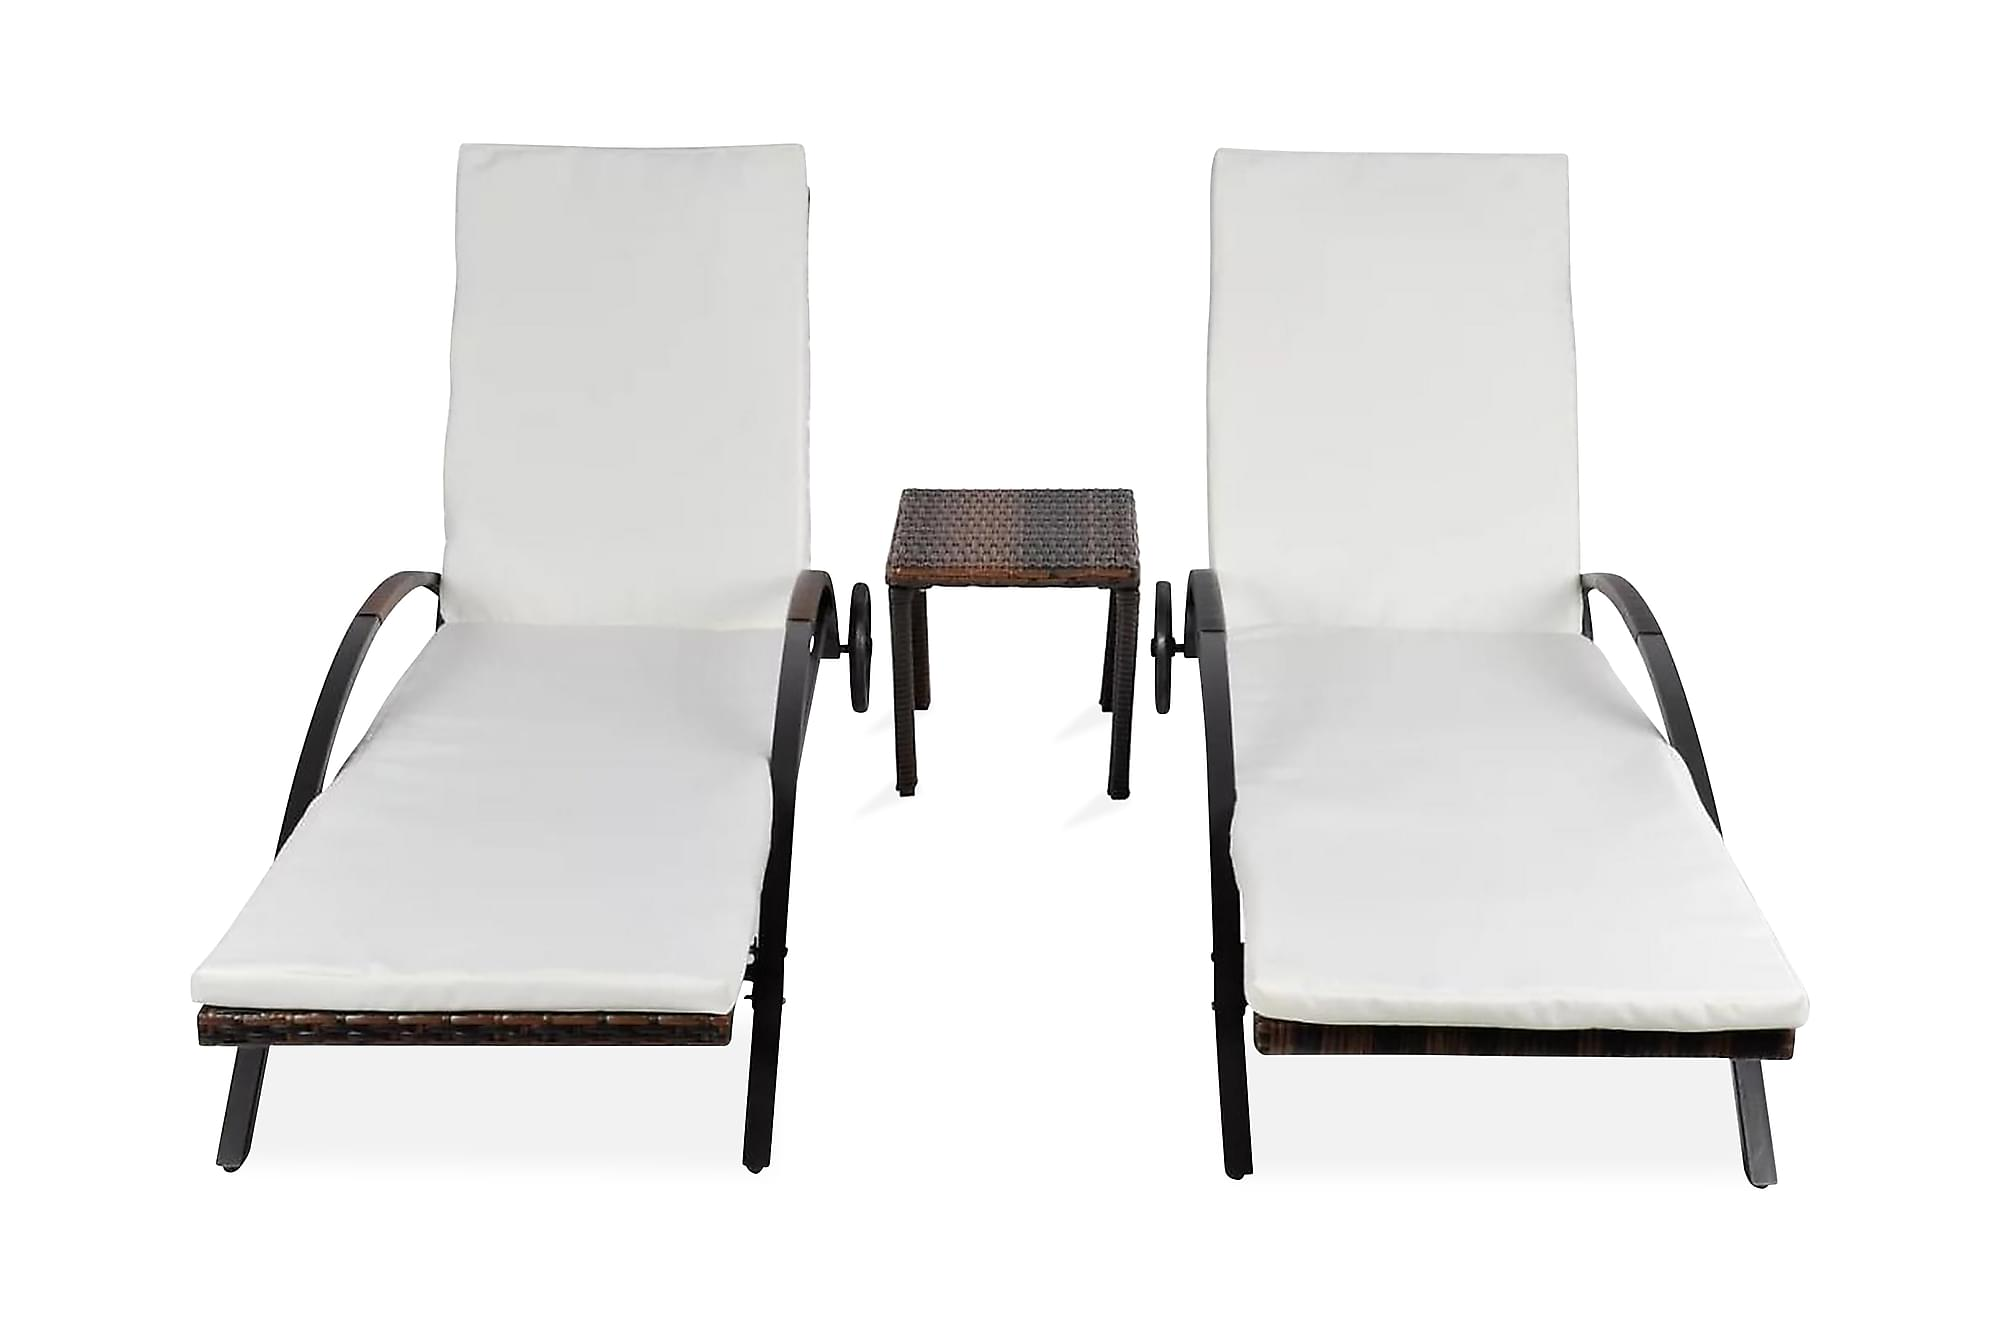 Solsängar med bord konstrotting brun